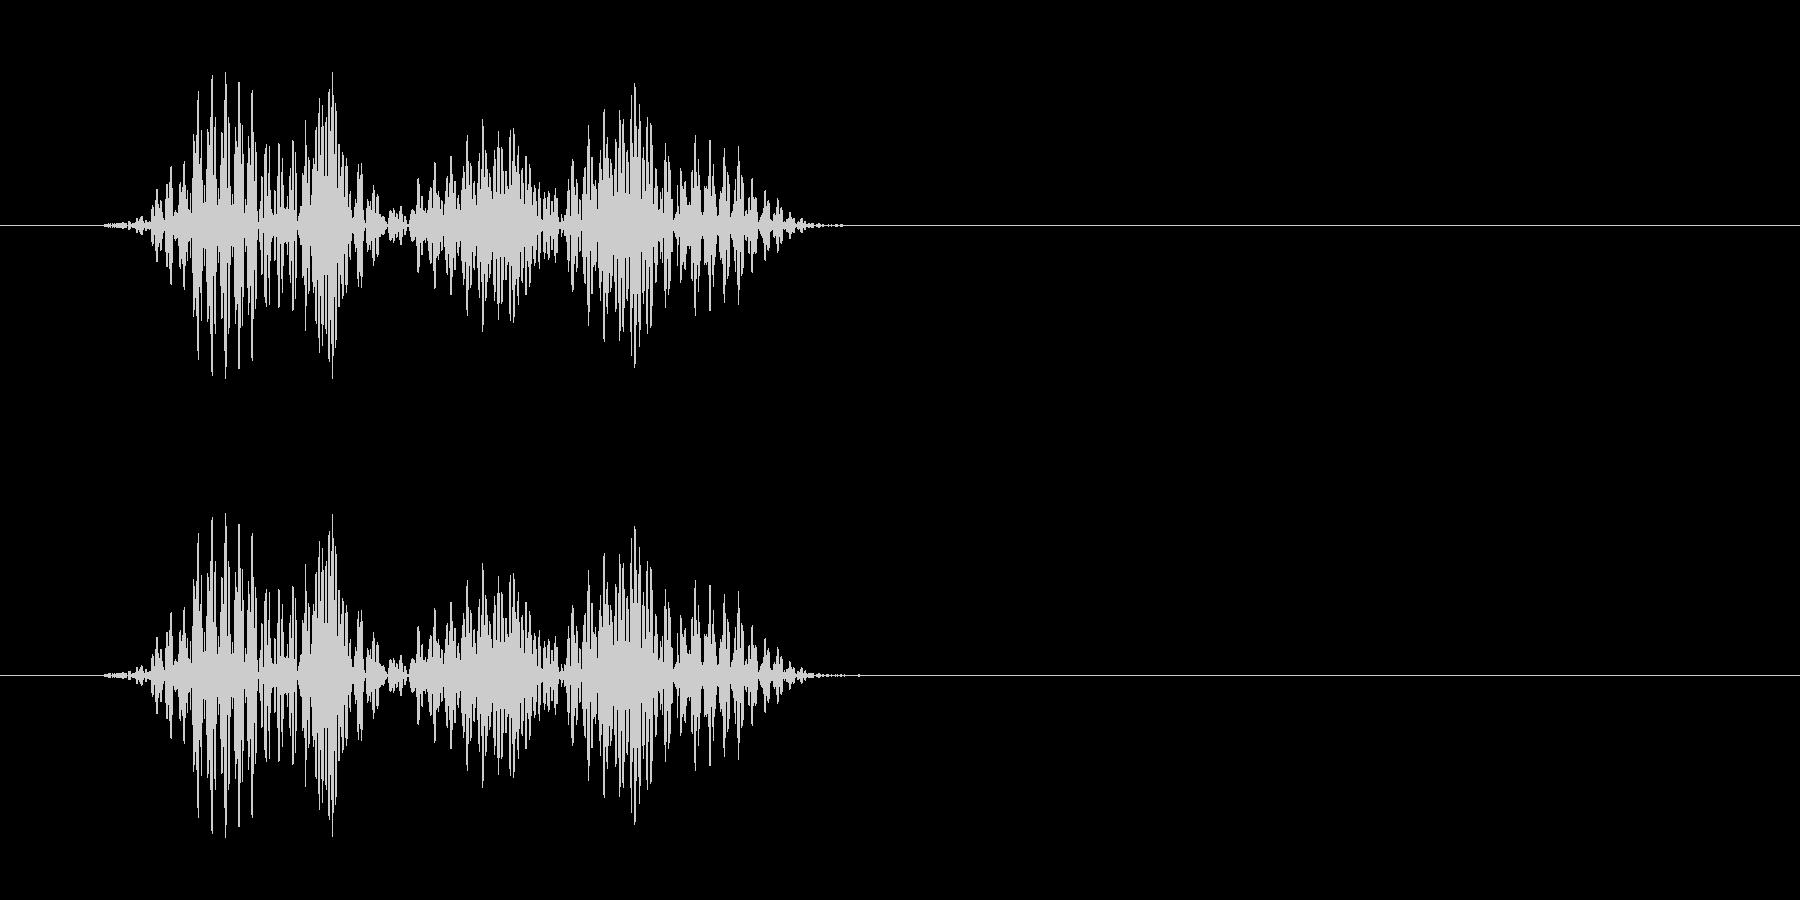 キュ(シューズと床が摩擦した音)の未再生の波形